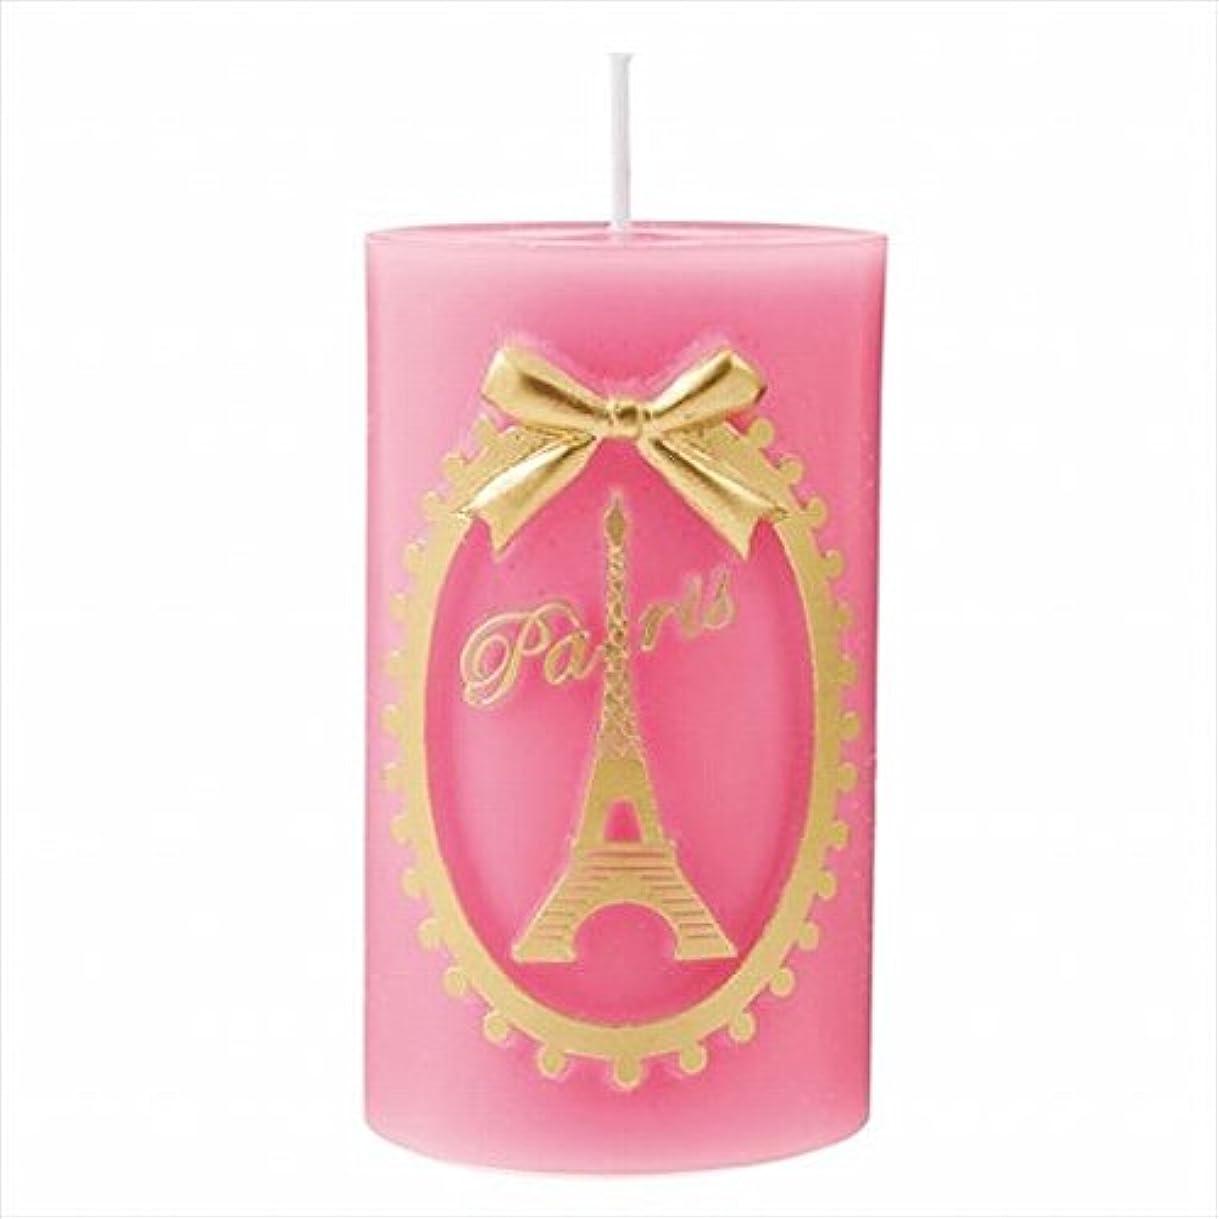 支援一人でマーキーカメヤマキャンドル( kameyama candle ) エッフェル塔ピラー 「 ピンク 」